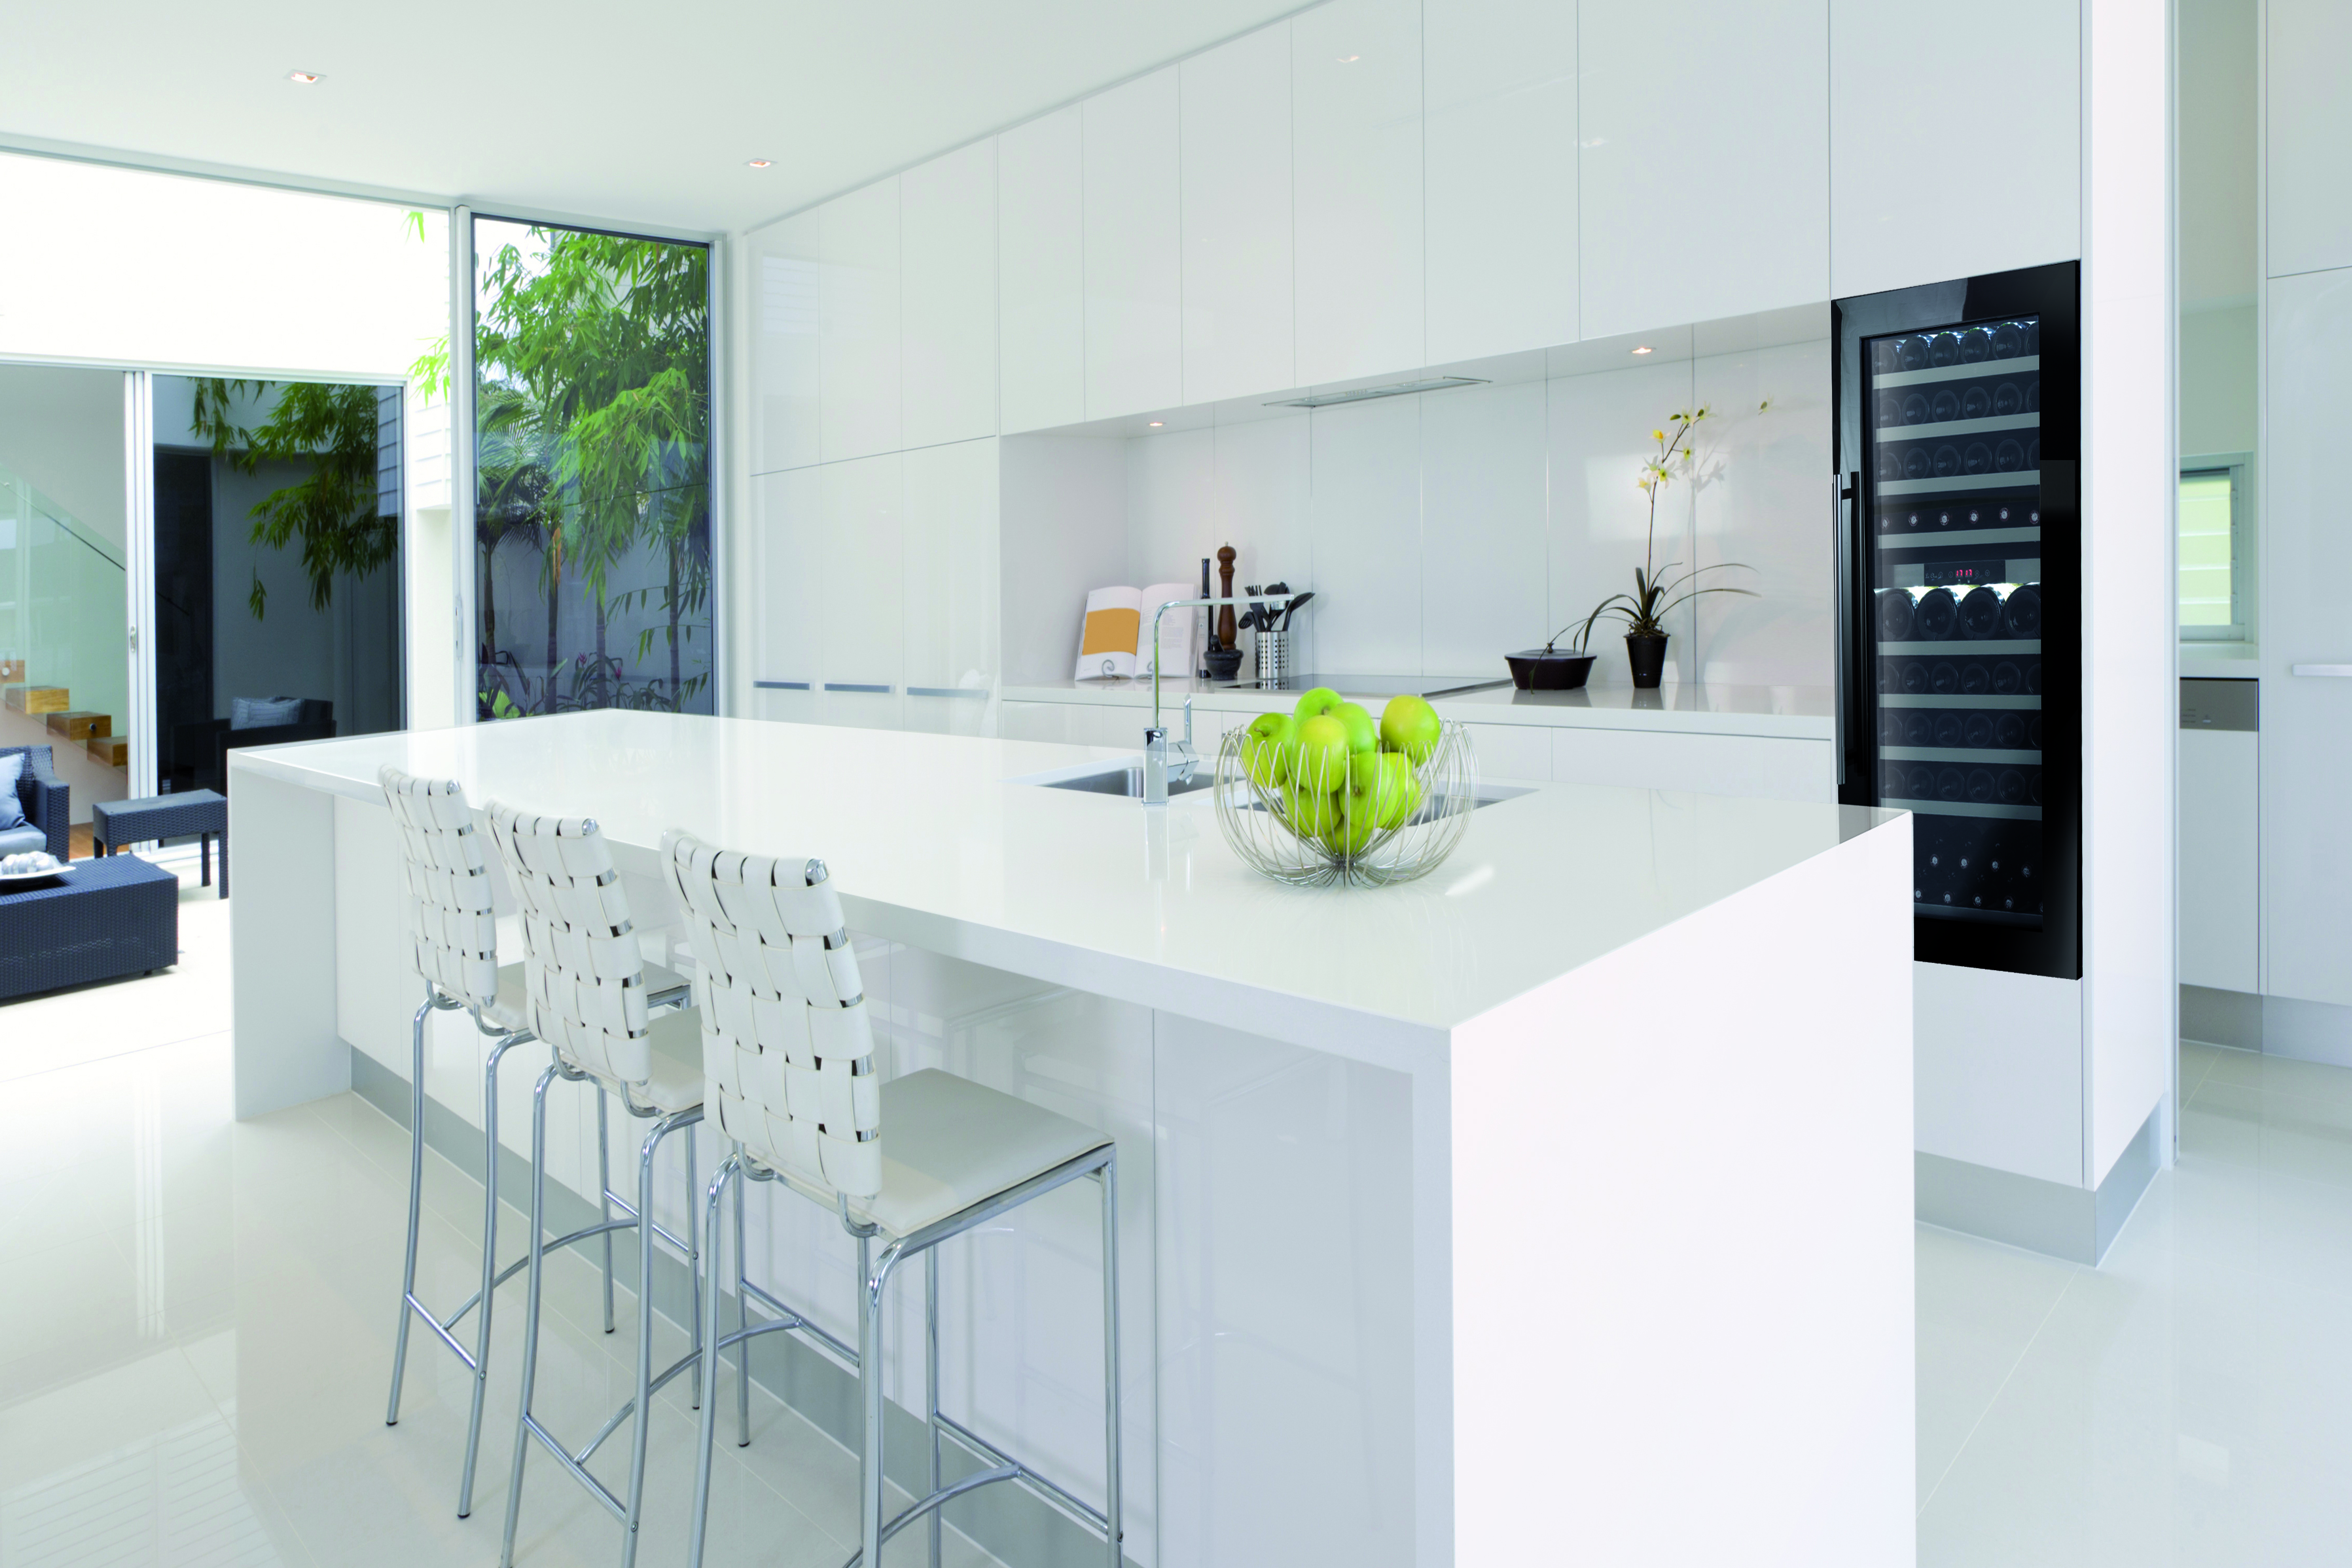 Ltimos modelos de vinotecas integrables en cocinas caveplus for Ultimos modelos de cocinas